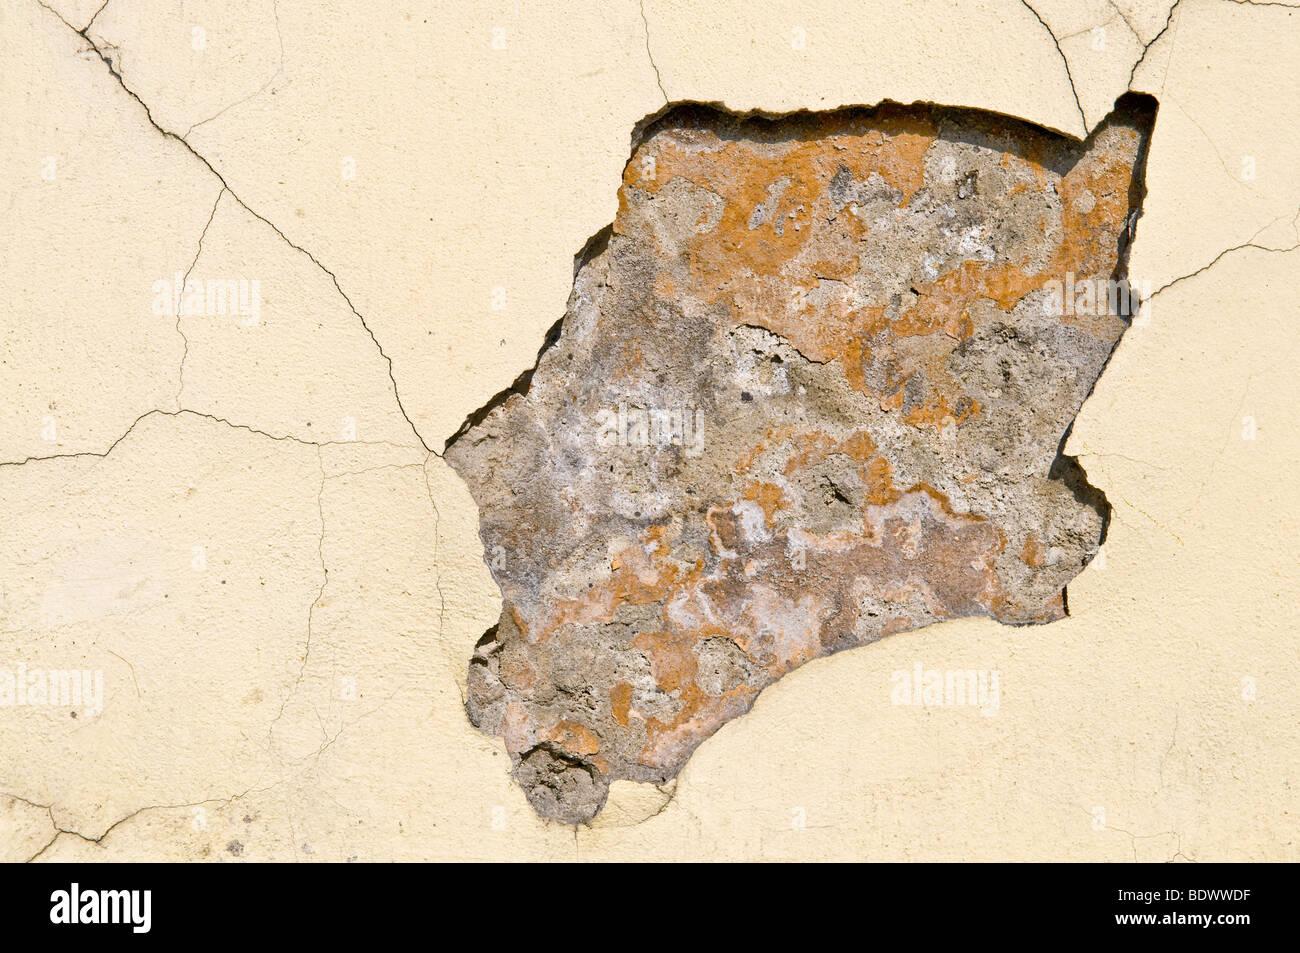 Vecchio decadendo texture a parete o sullo sfondo Immagini Stock